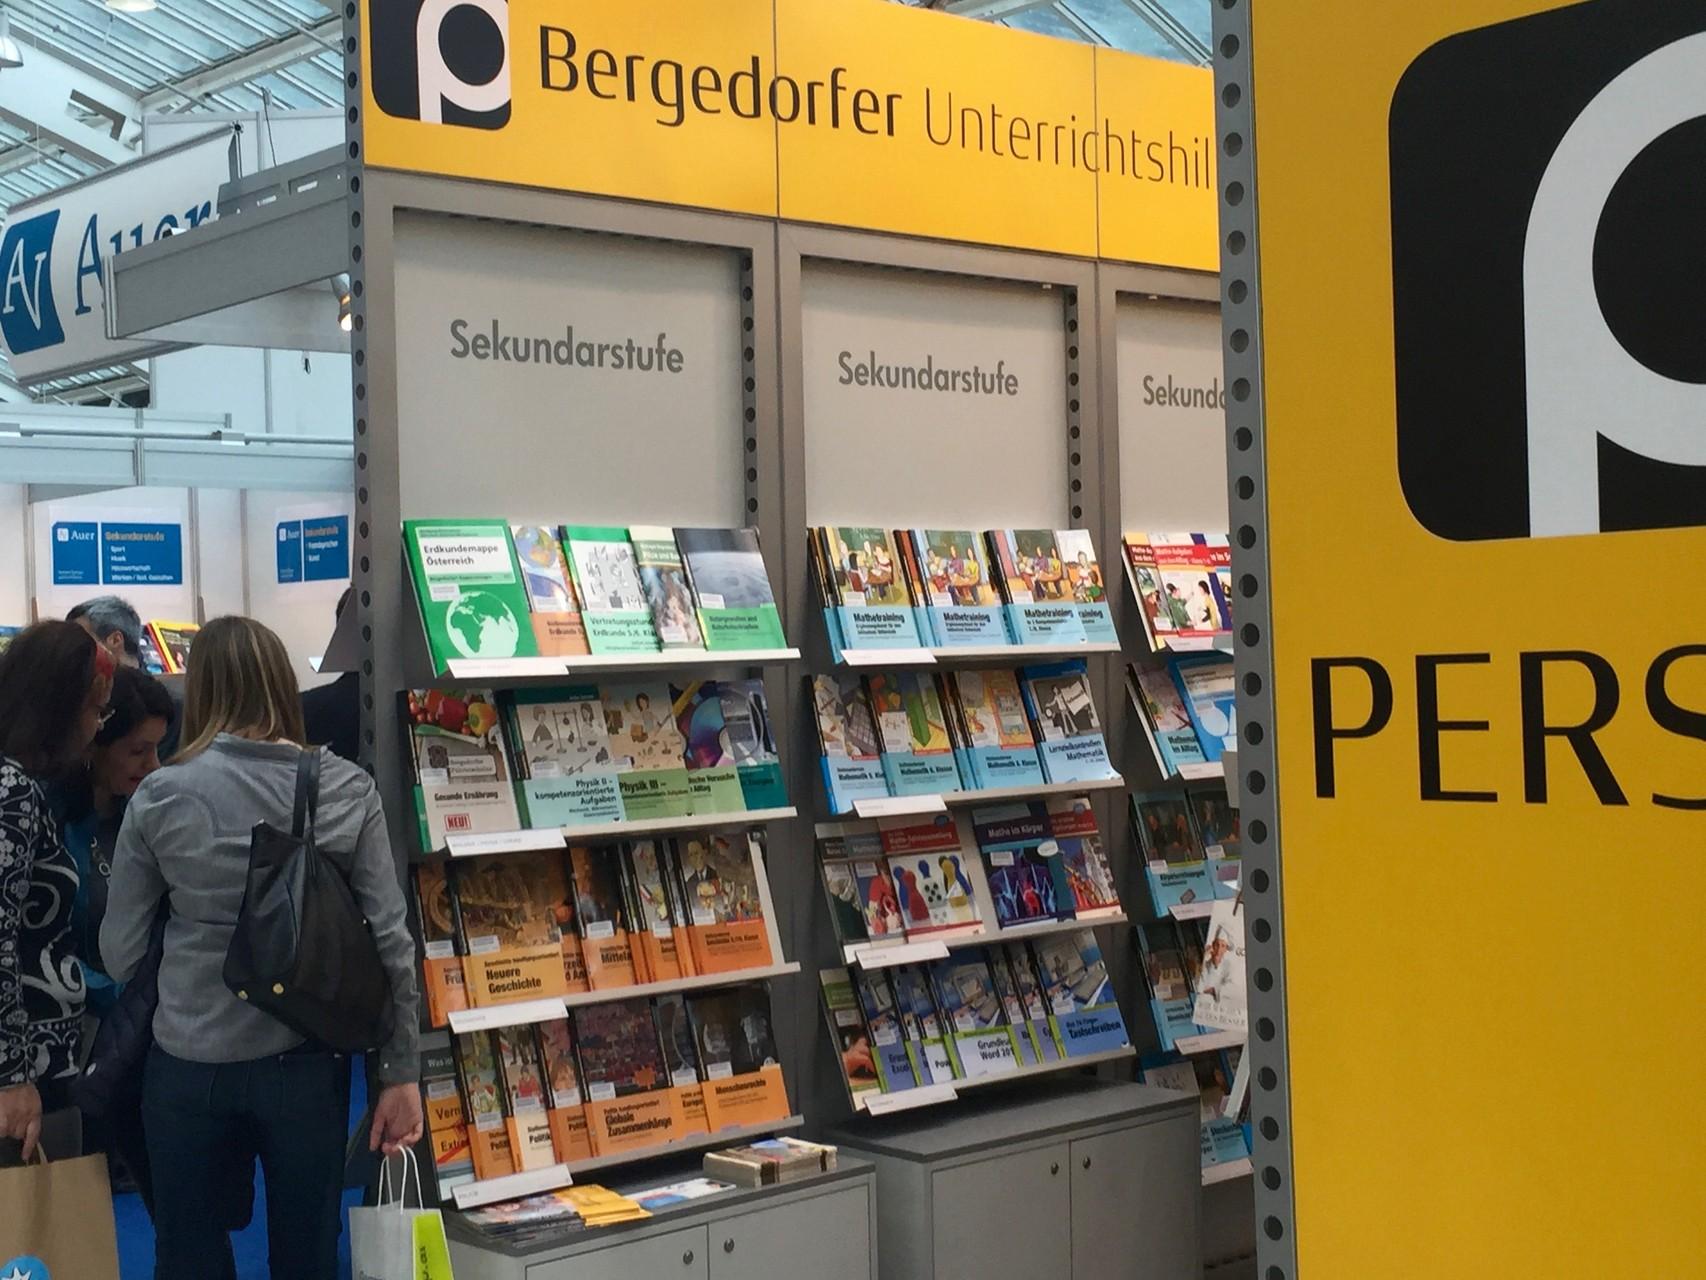 © Axel Zahlut - Bücher als Medium der Zukunft??